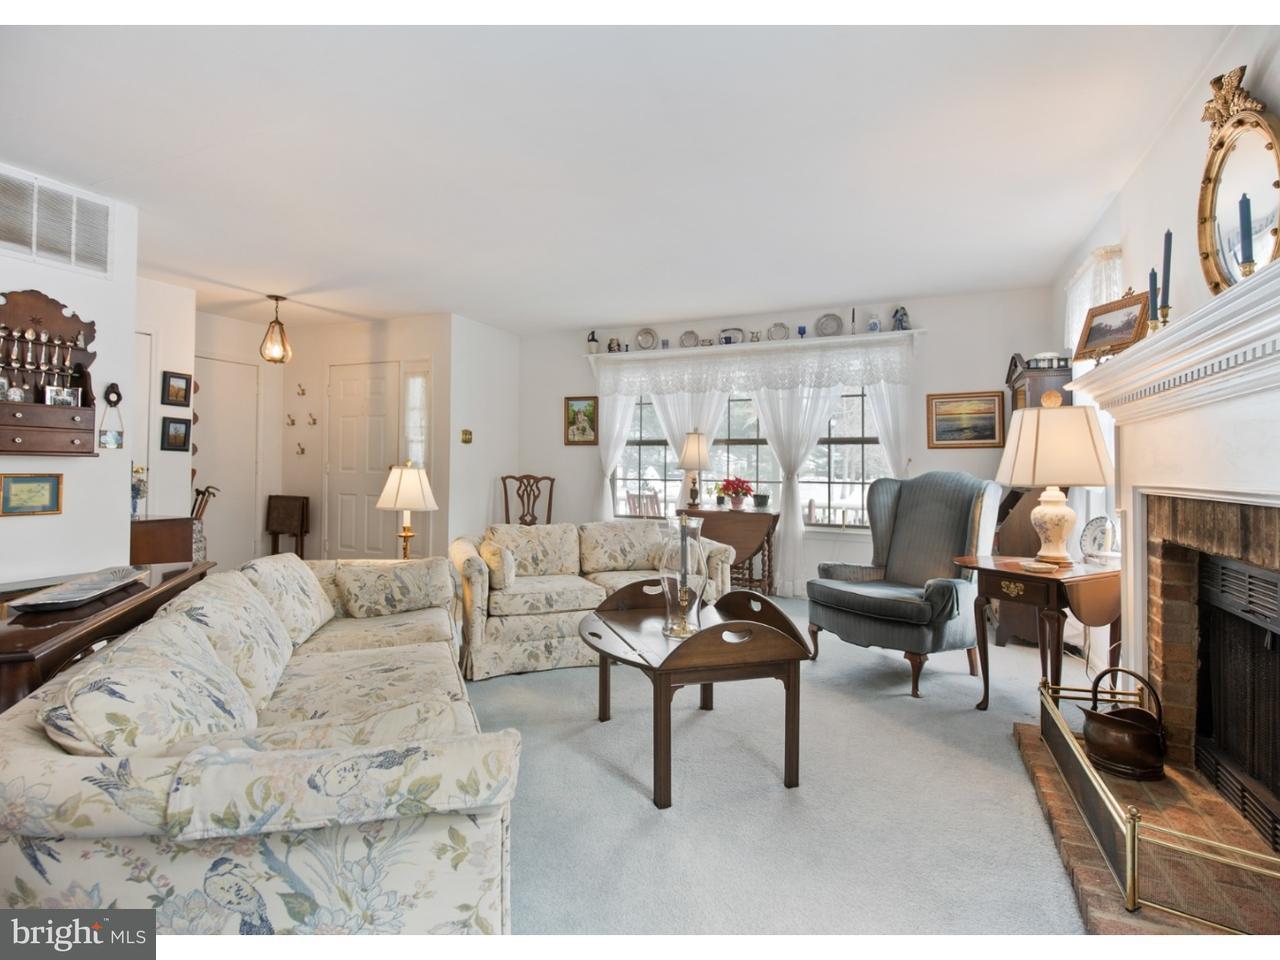 Casa unifamiliar adosada (Townhouse) por un Venta en 31 BRETSHIRE Court Medford, Nueva Jersey 08055 Estados Unidos